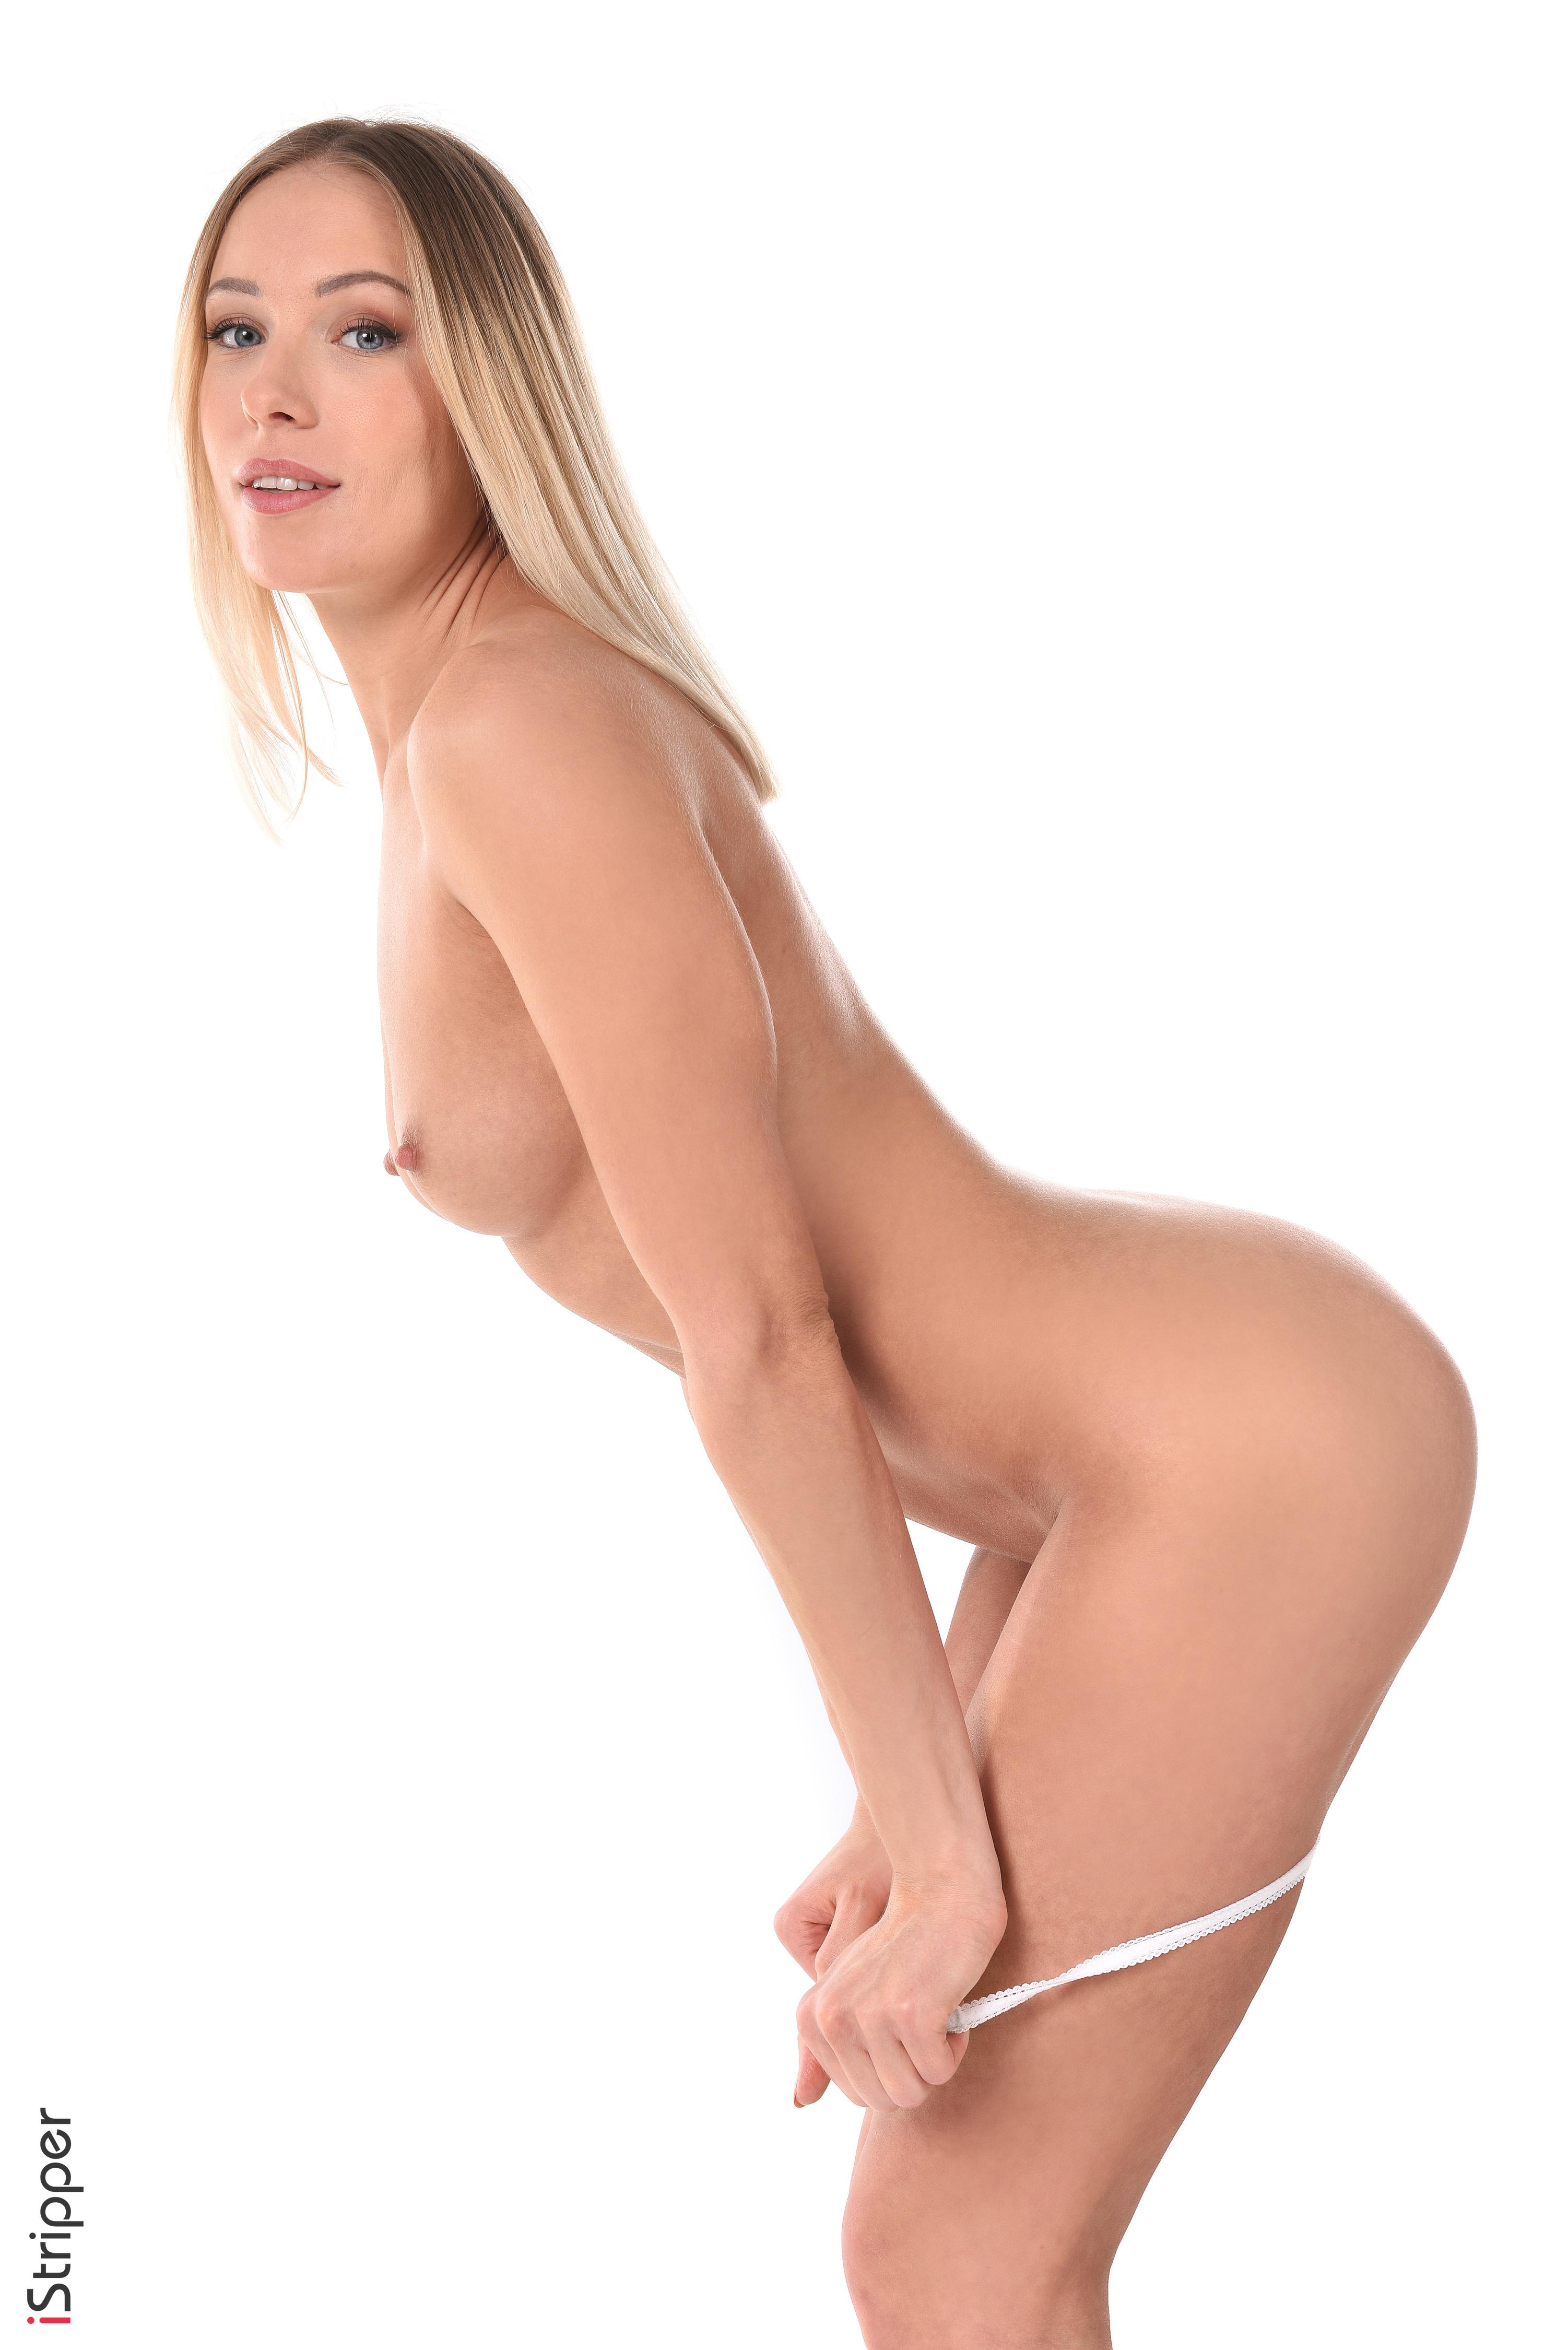 hot naked hd wallpaper